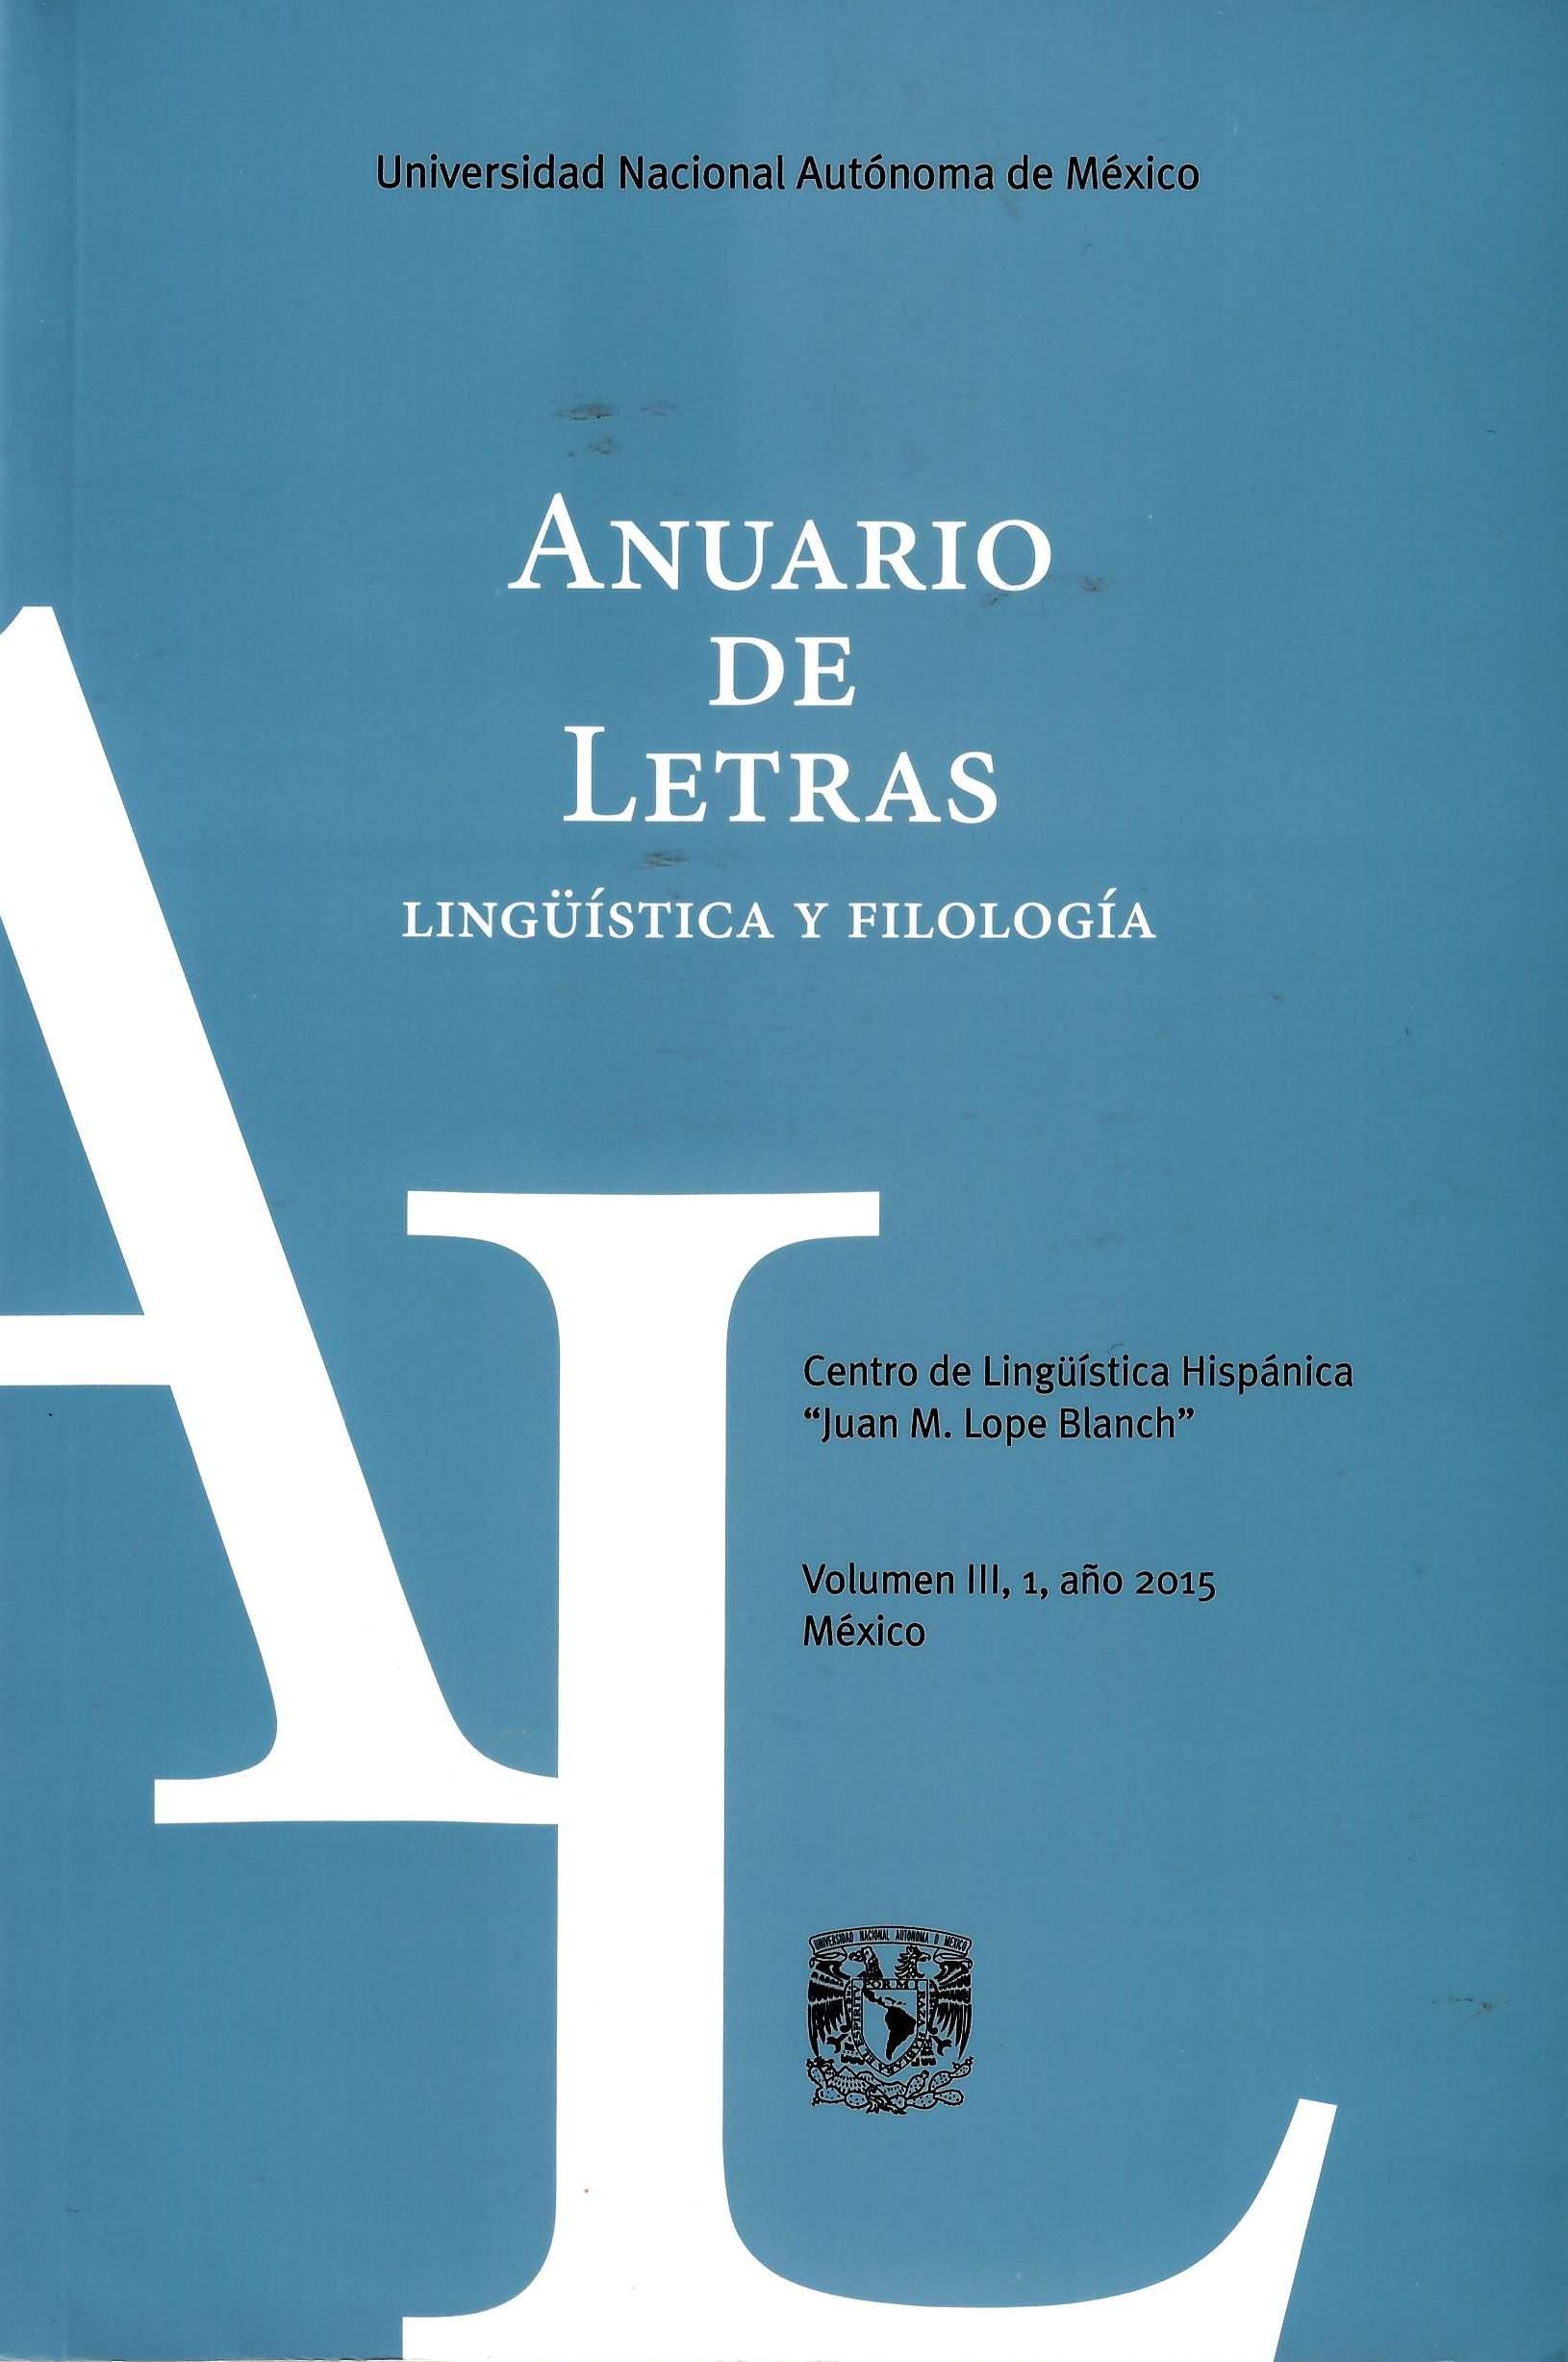 Anuario de Letras Lingüística y Filología, vol. III, núm 1